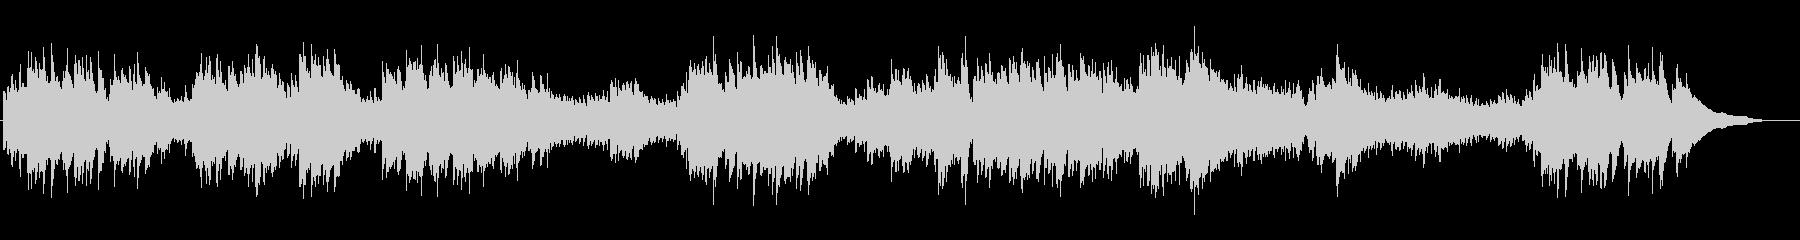 可憐でクルクル回転するイメージのピアノ曲の未再生の波形